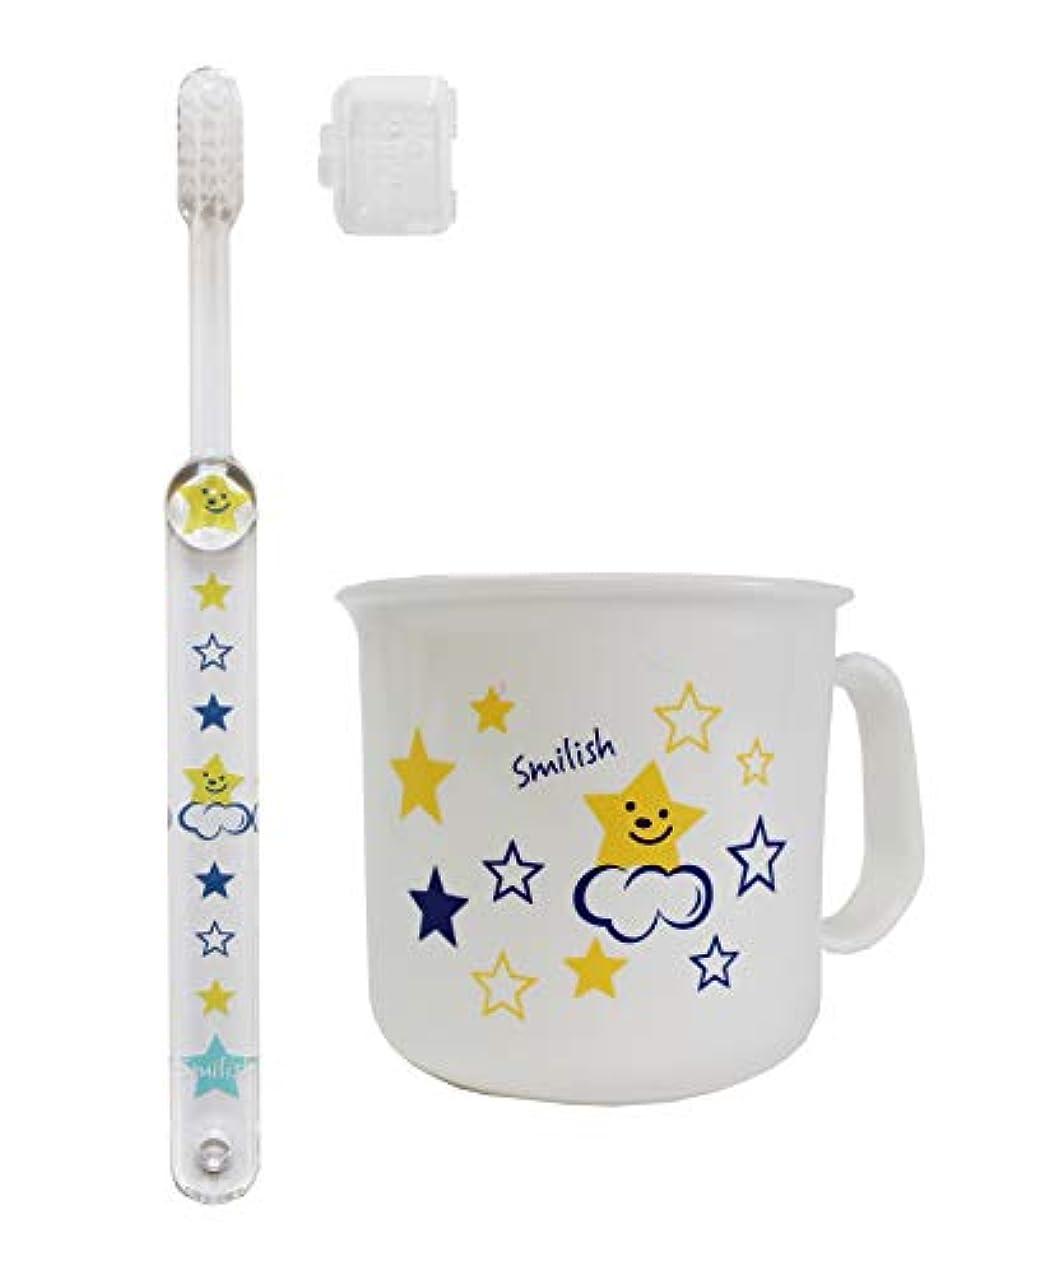 レビュー不規則な物思いにふける子ども歯ブラシ(キャップ付き) 耐熱コップセット スマイリースター柄